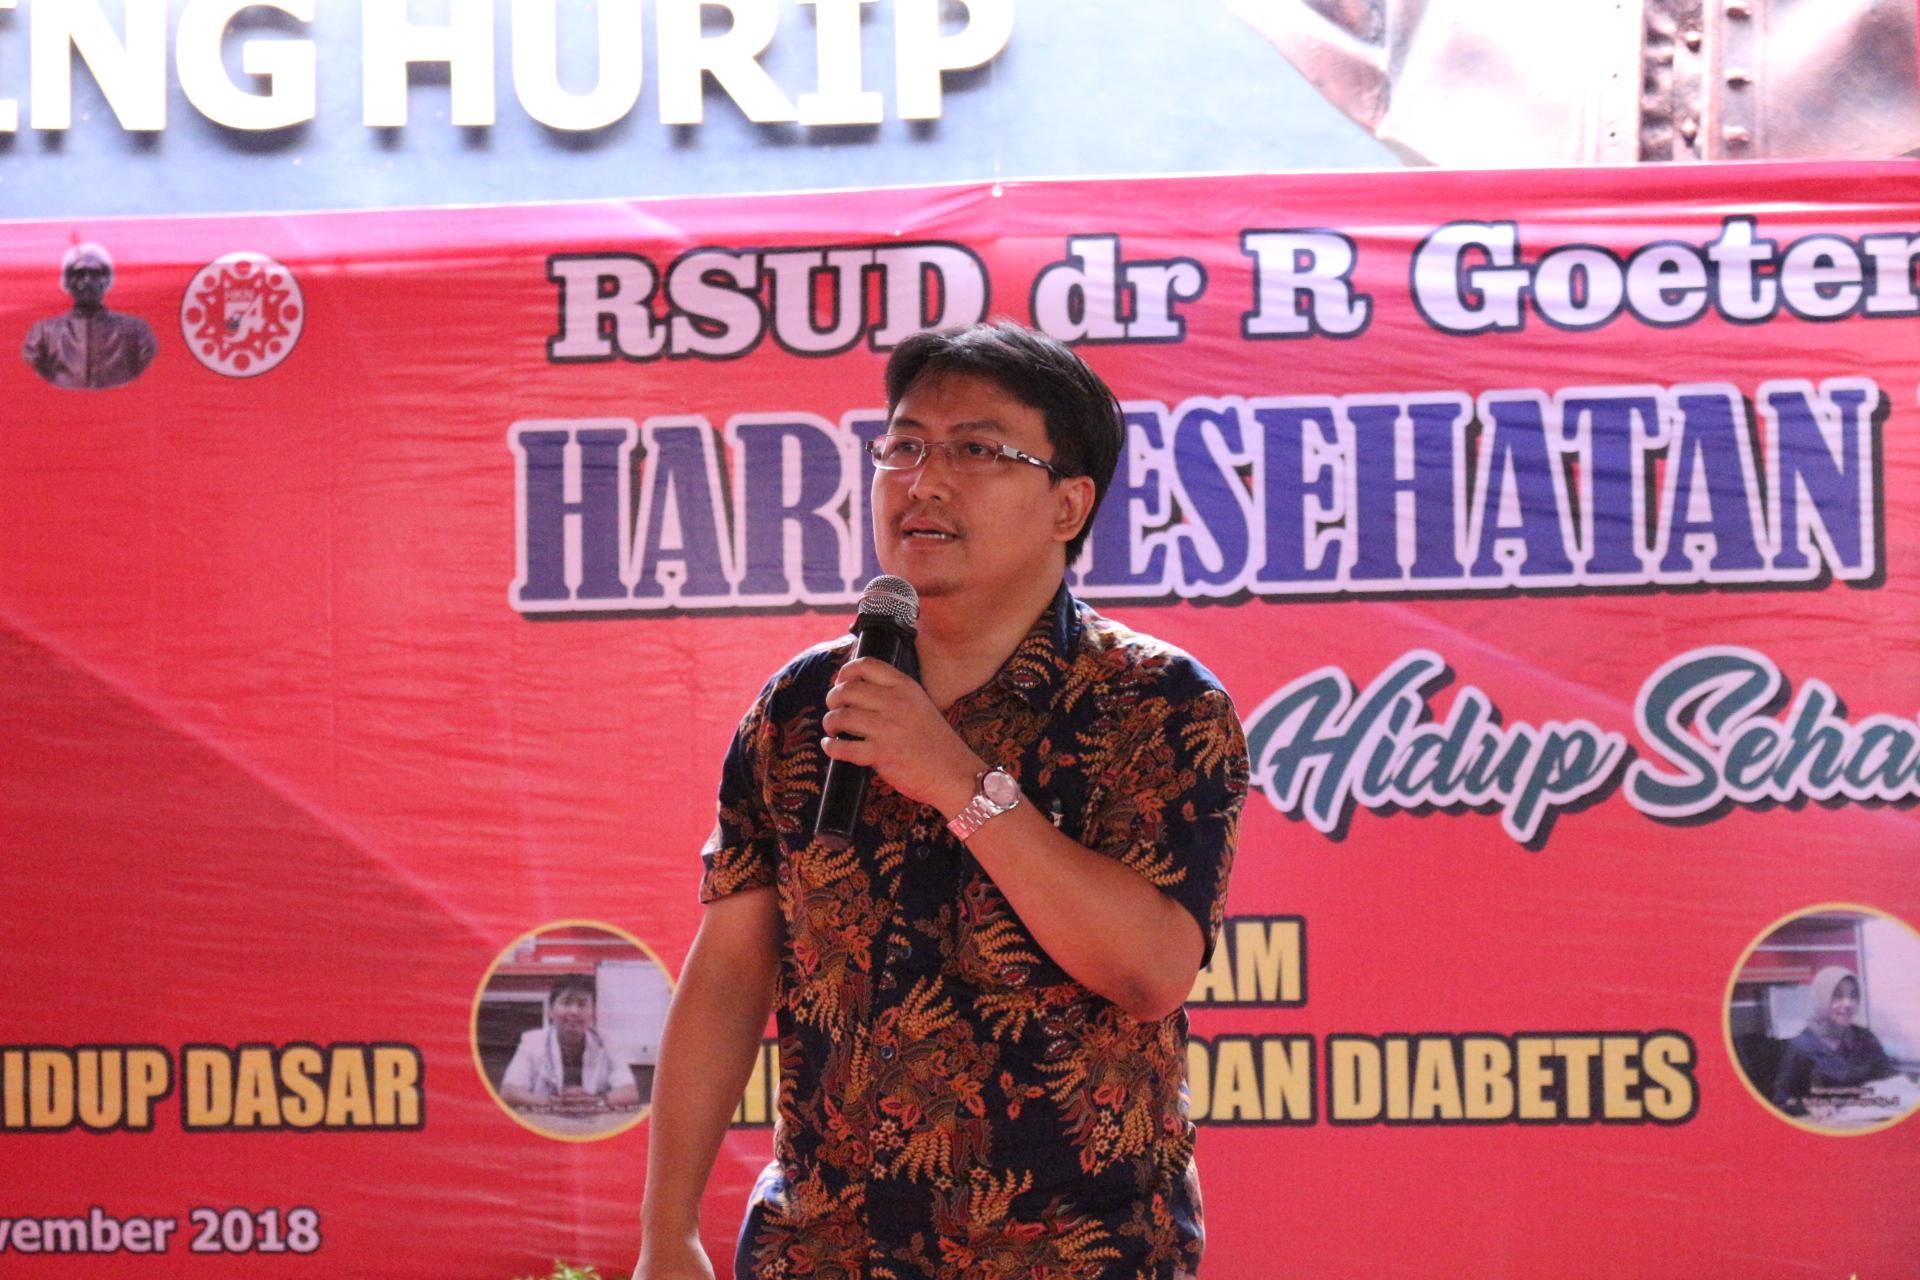 Seminar awam hipertensi dan diabetes